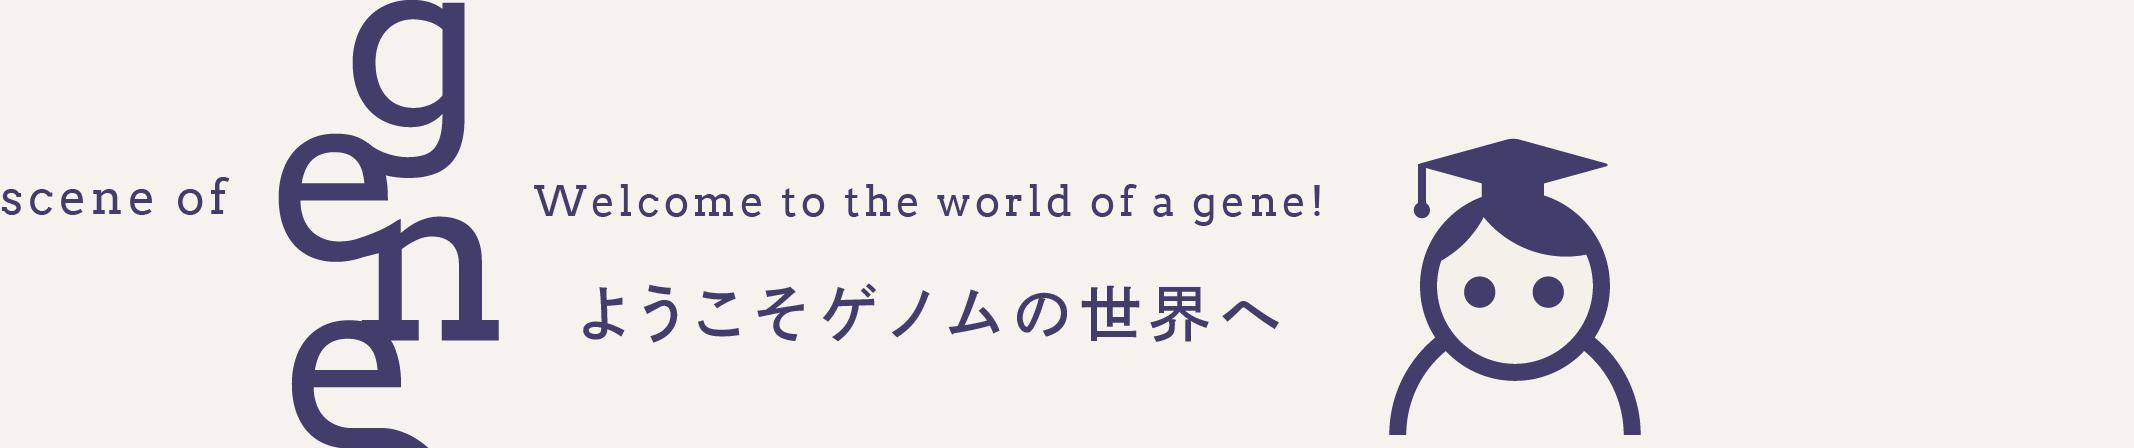 耳垢のカサカサ、ネバネバを決める遺伝子の多型|ようこそゲノムの世界へ